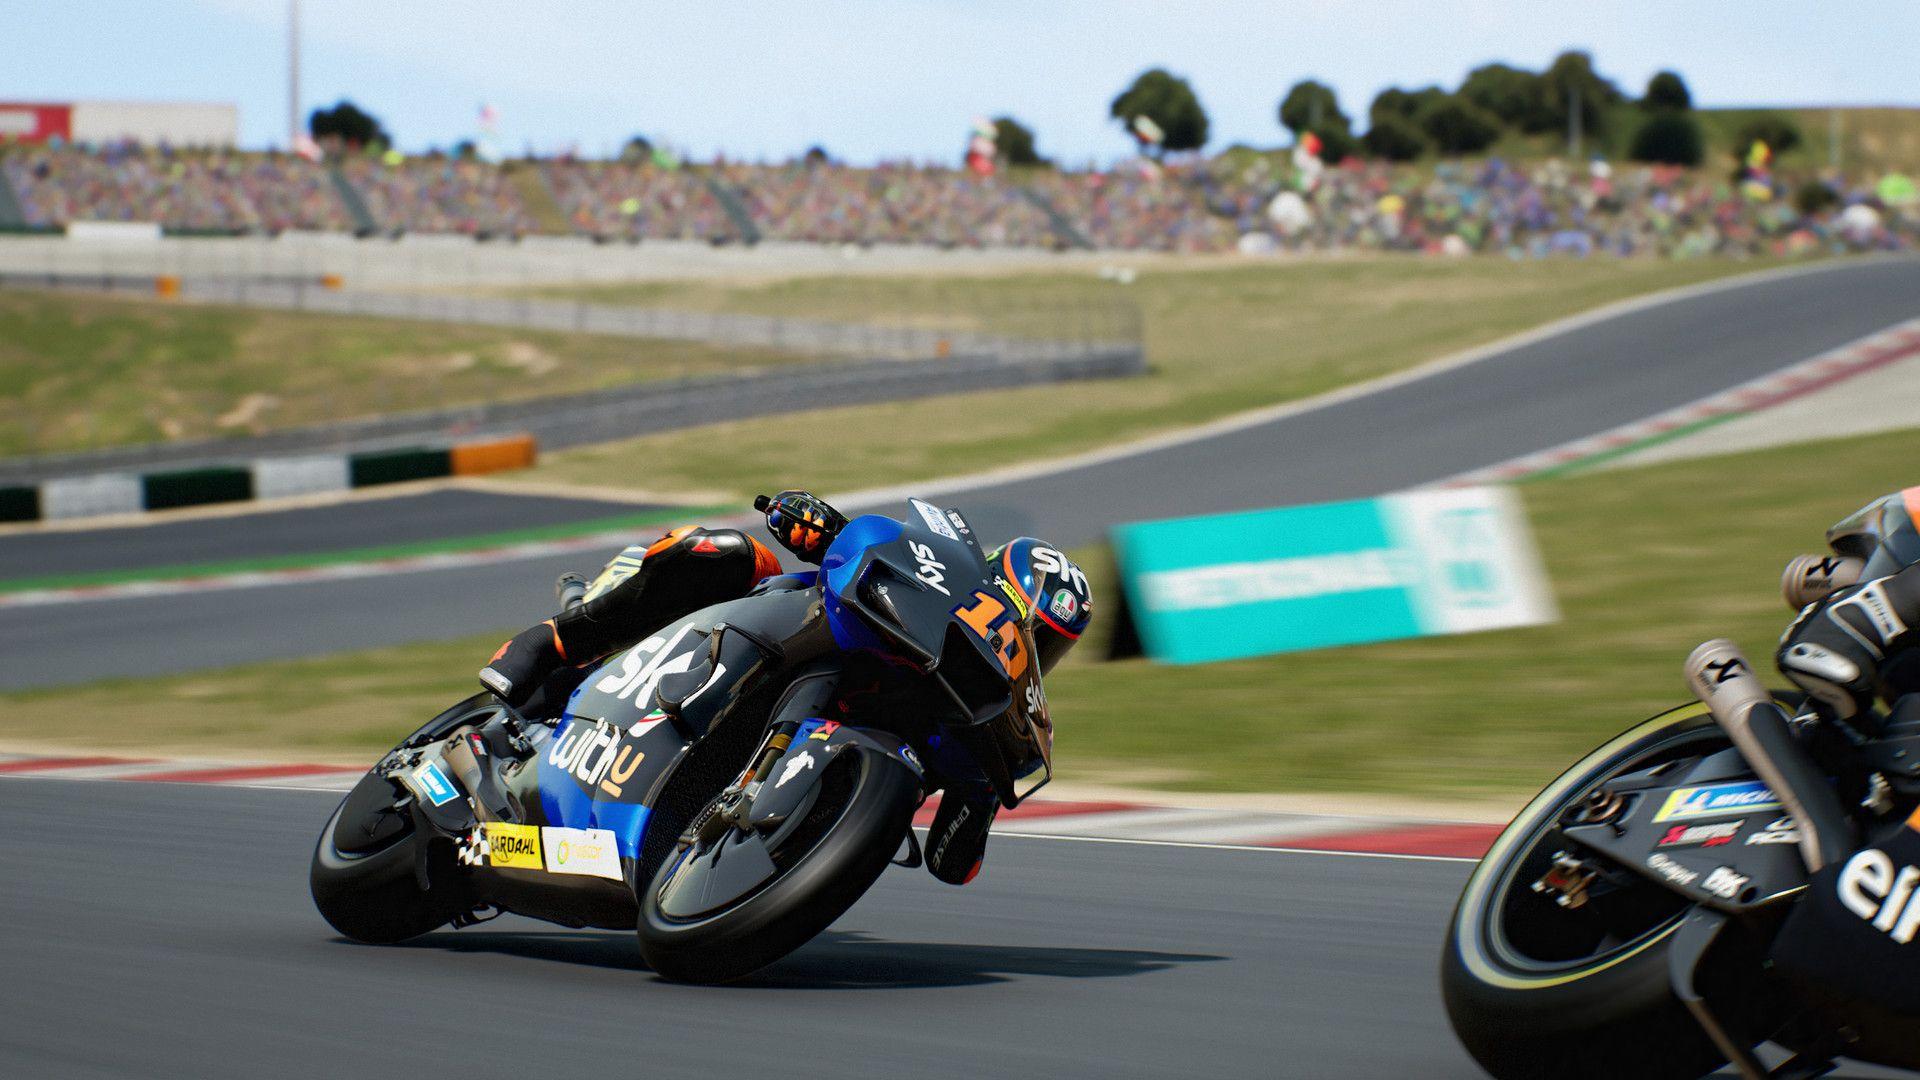 MotoGP 21 oferece o que há de melhor para os fãs de jogo de moto (Foto: Divulgação/Milestone)